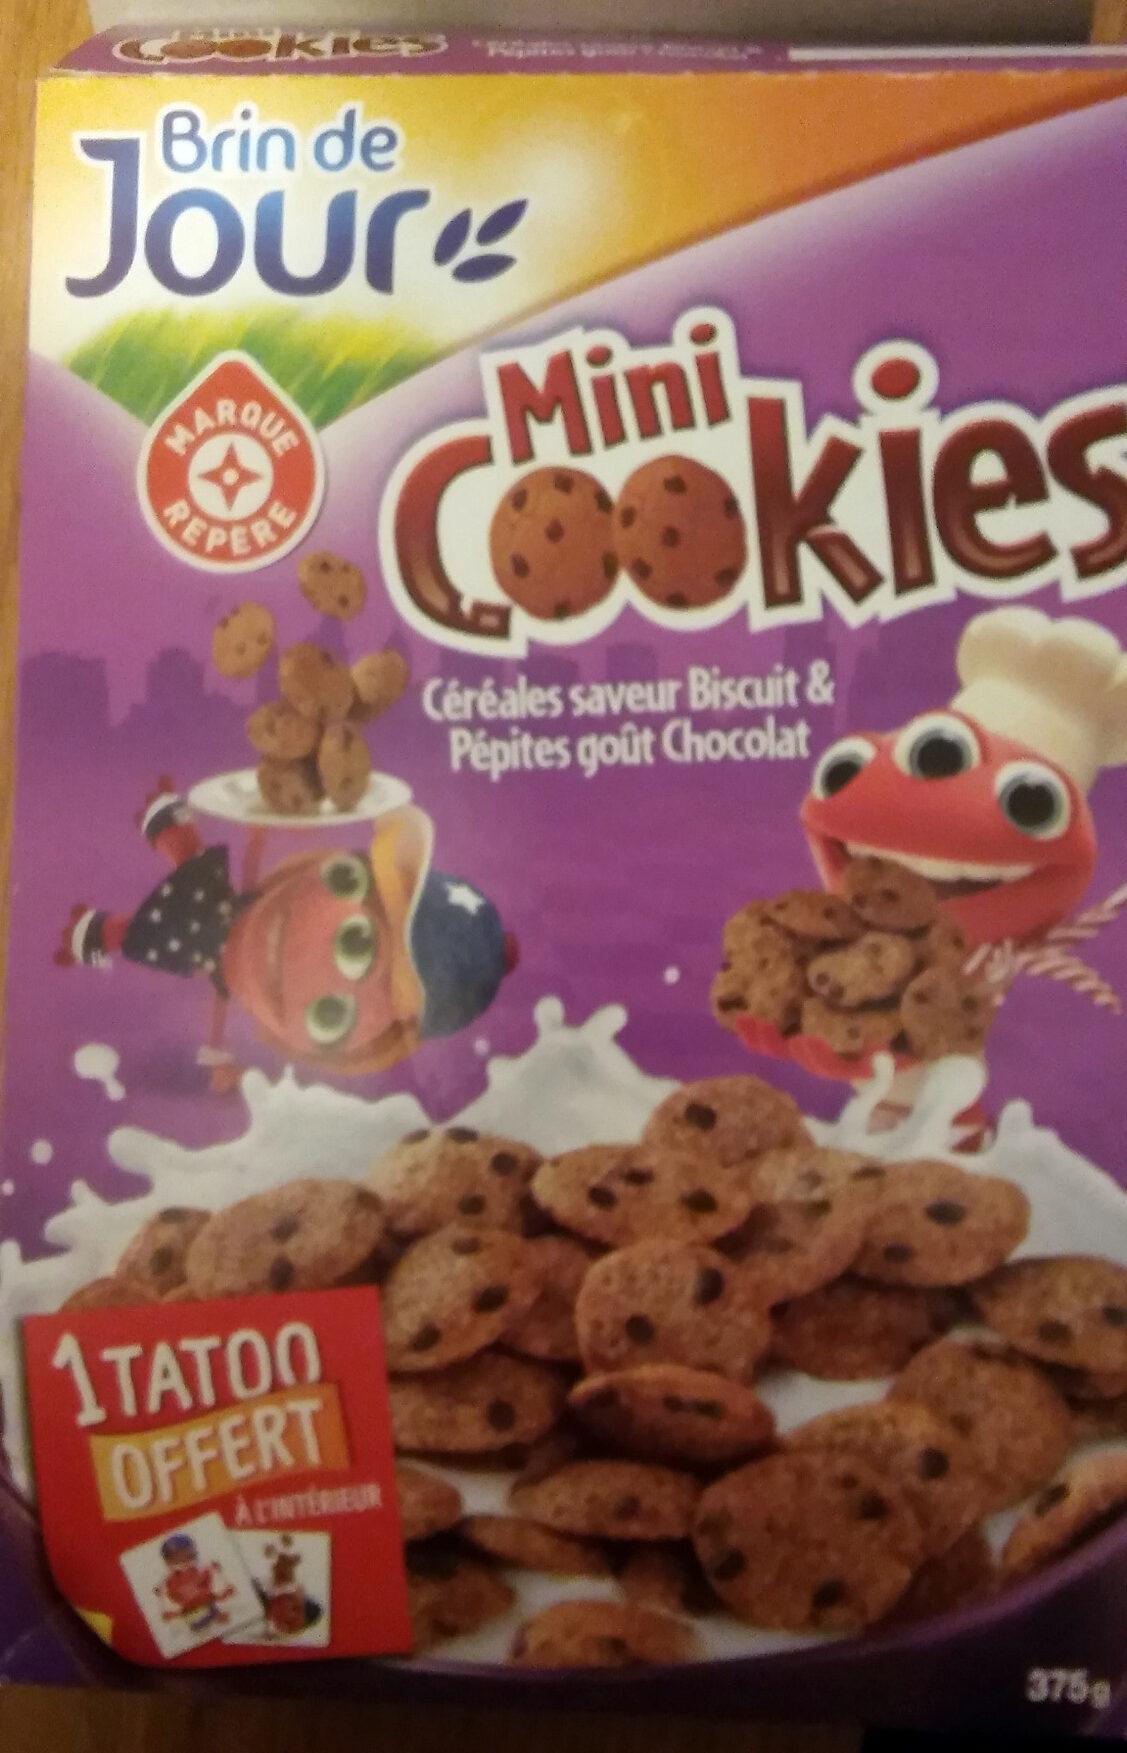 Céréales mini cookies - Produit - fr